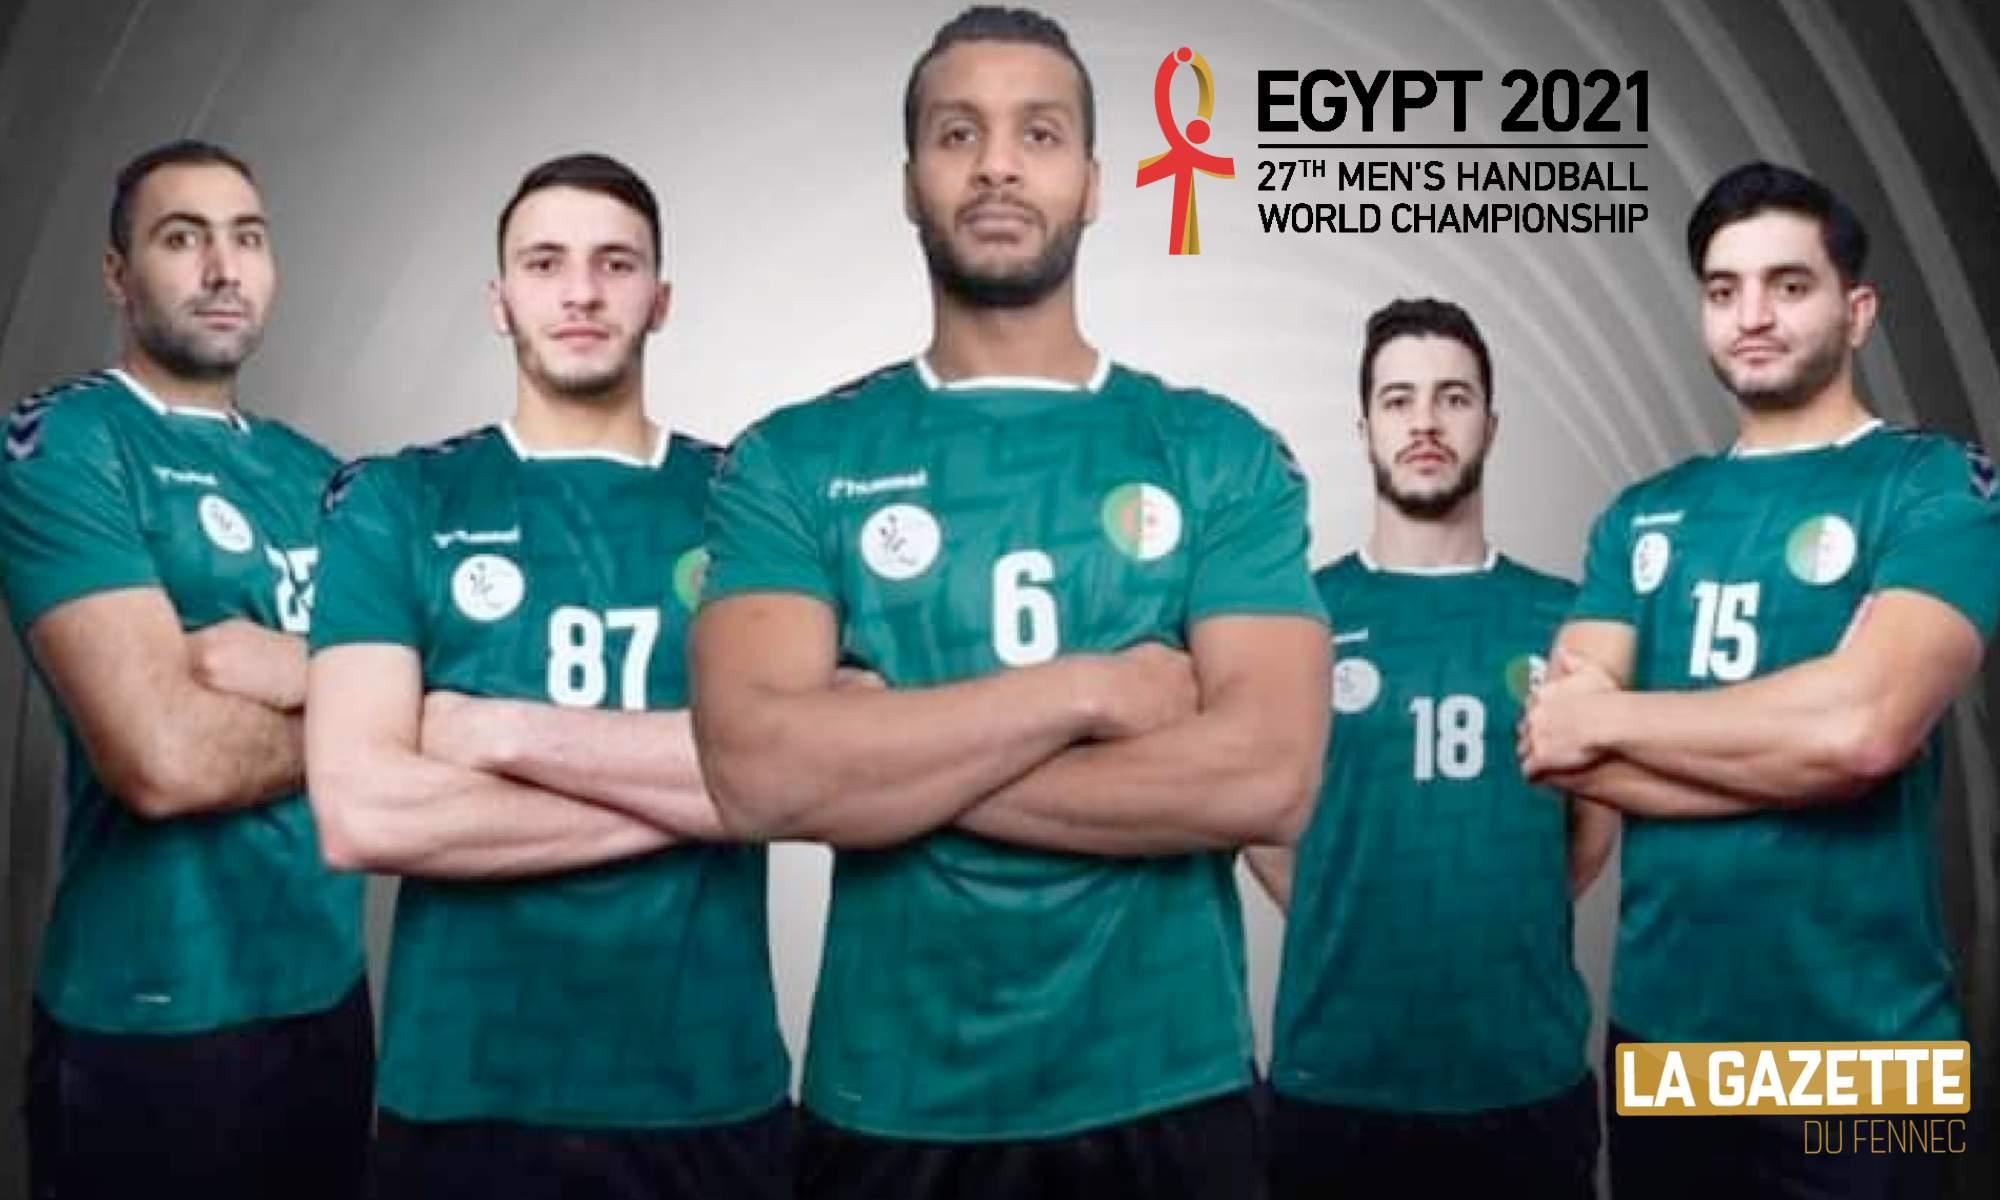 handball berkous egypt 2021 algerie